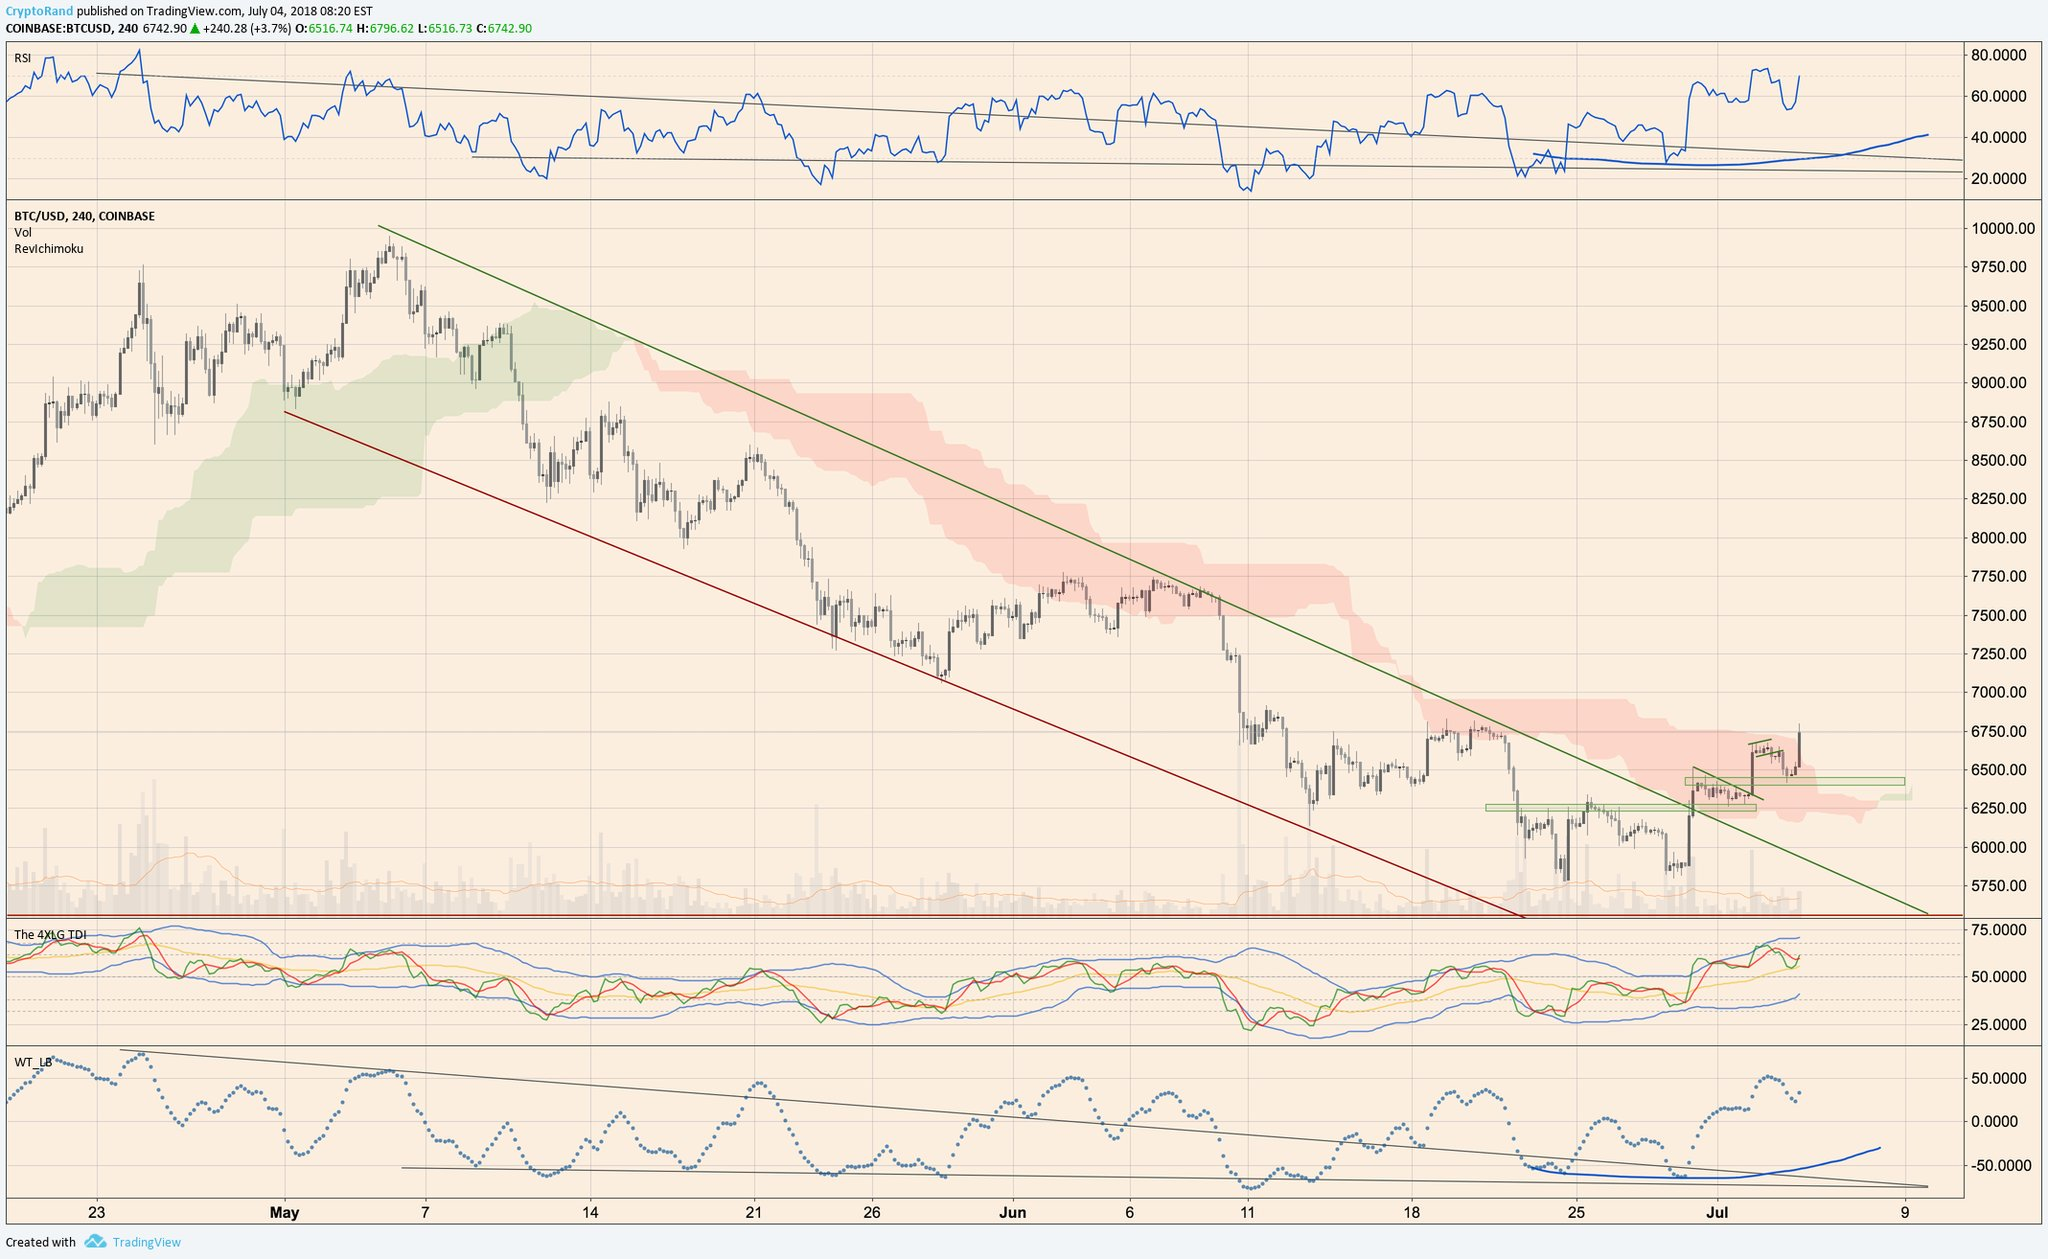 Технический анализ пары BTC/USD с применением индикатора Ишимоку